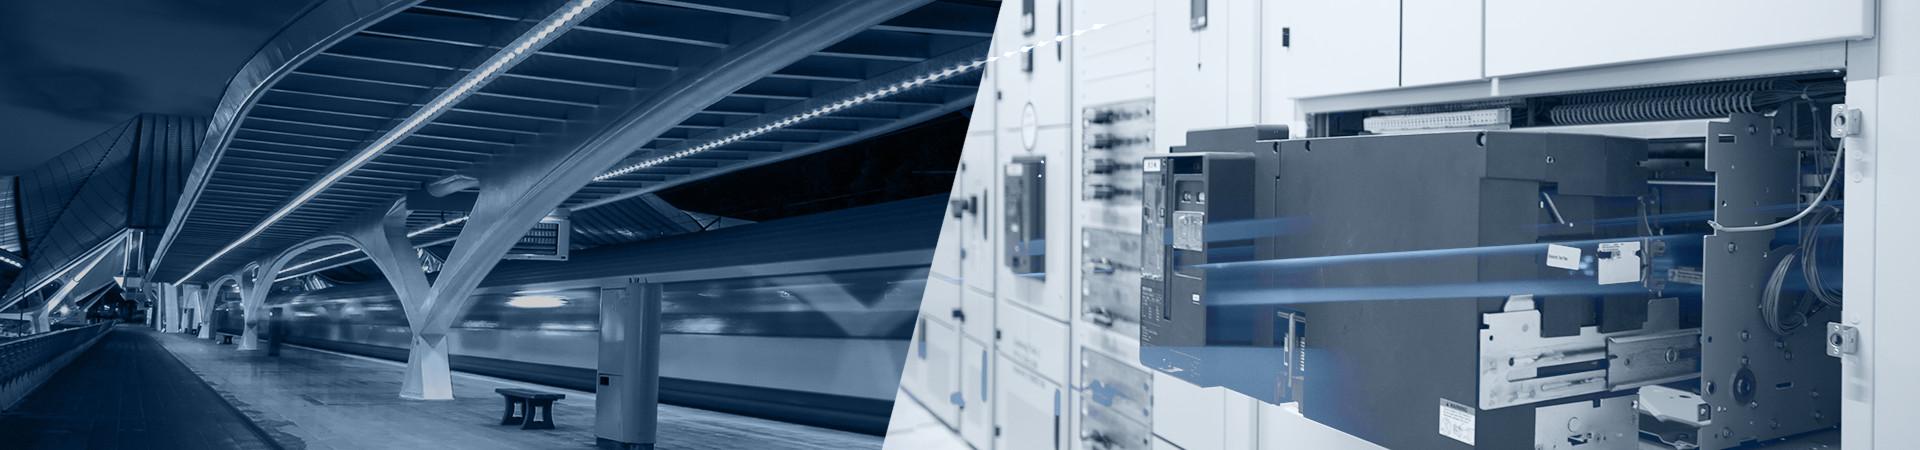 Schaltschrank: Wartung, Instandhaltung  HUNDT Elektrosysteme